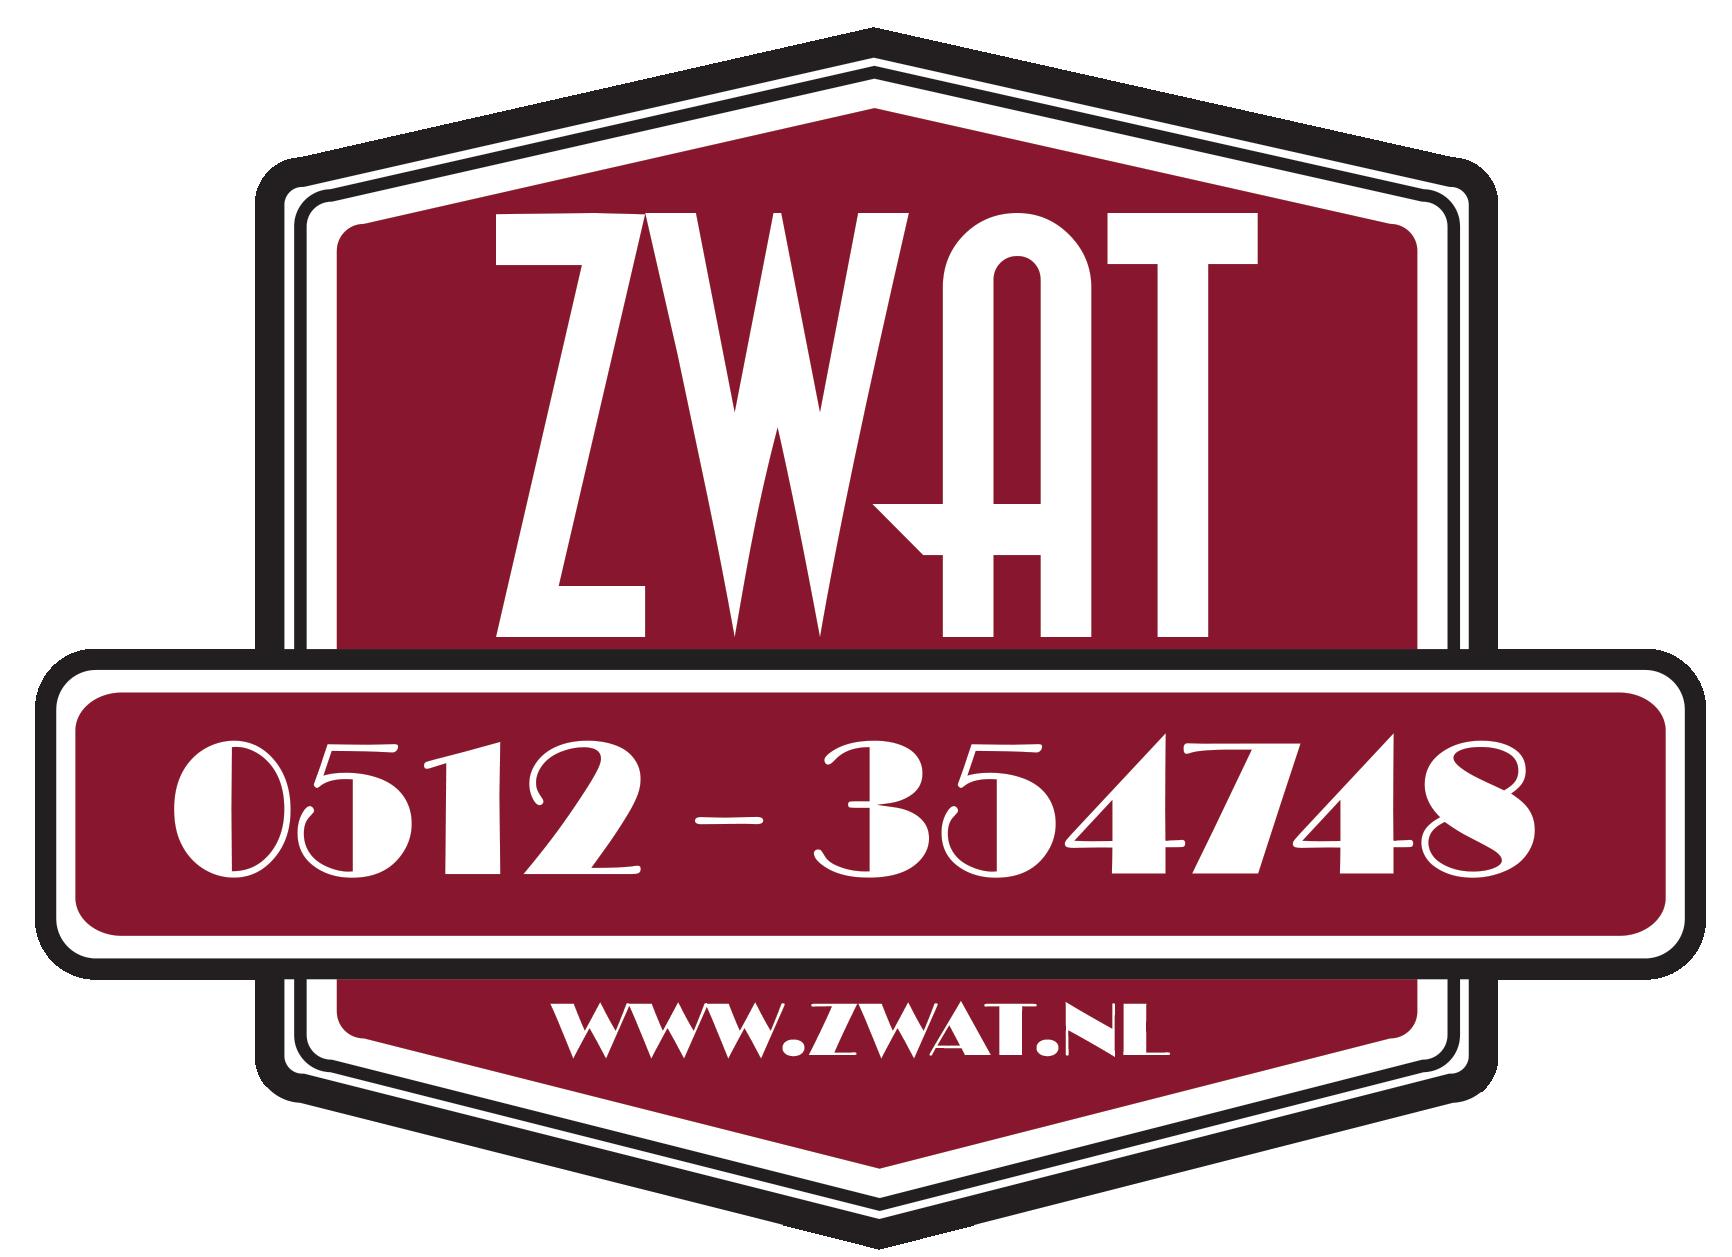 Logo Zwat